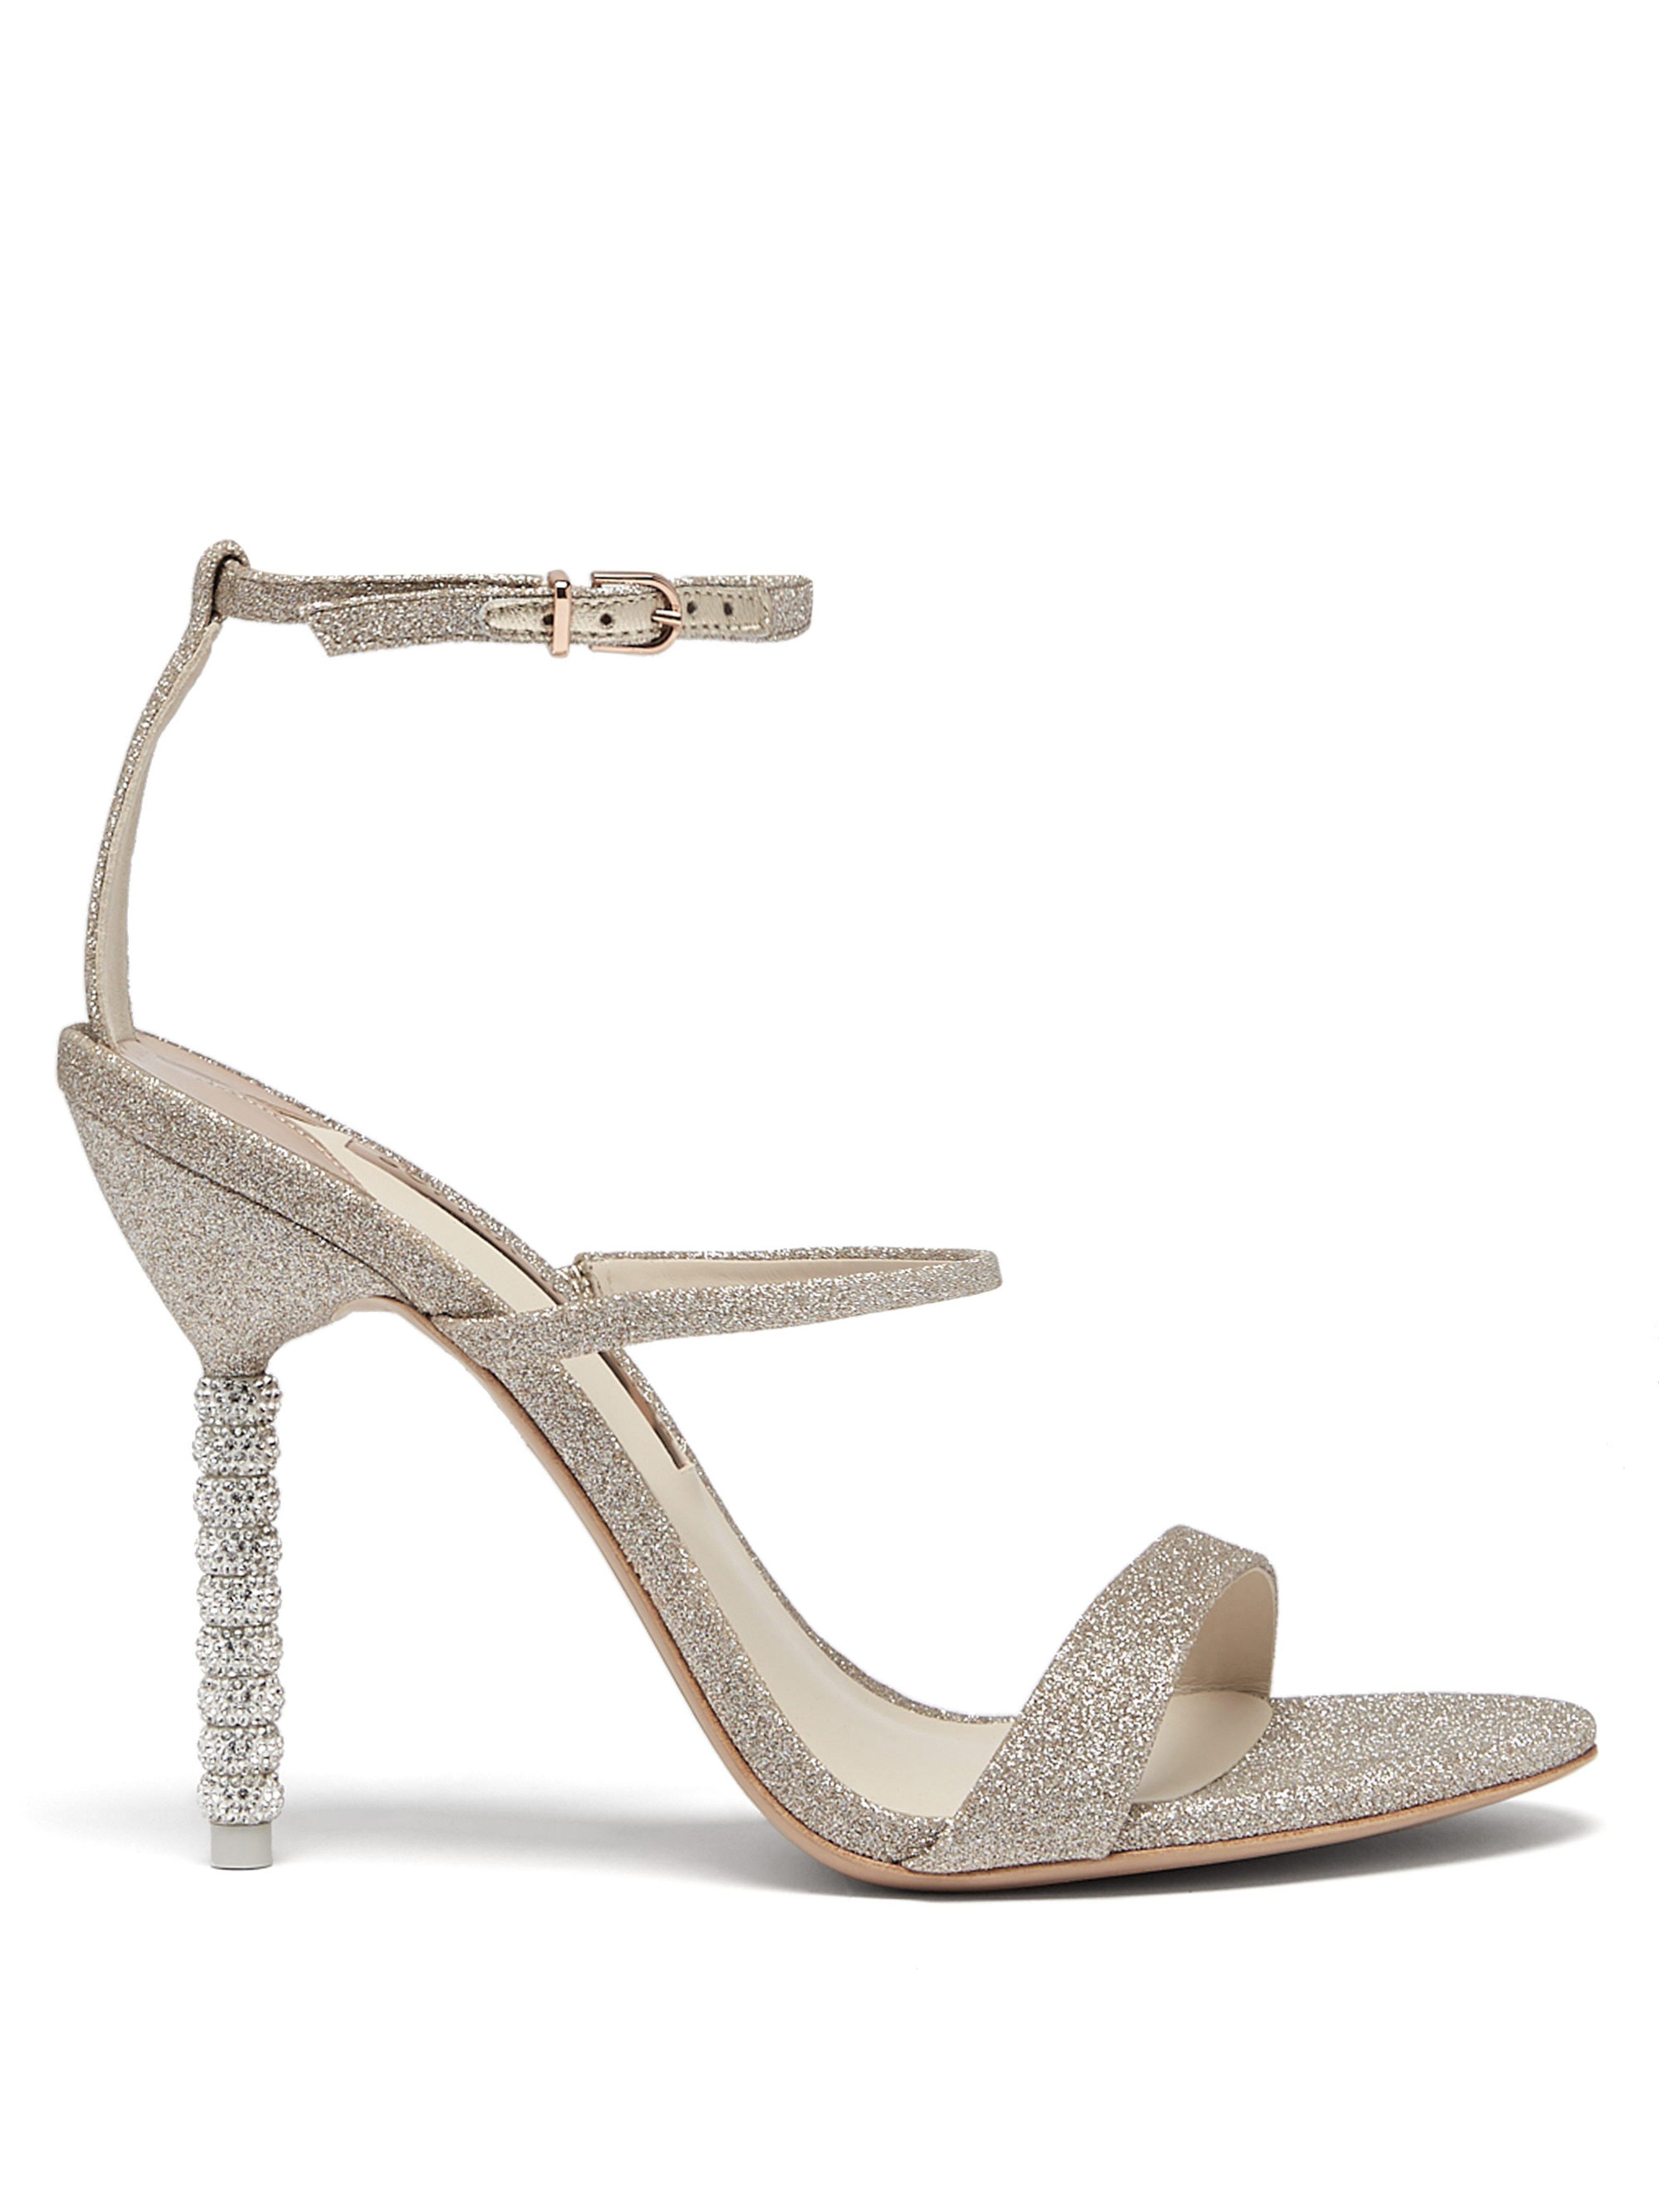 eca147883 Sophia Webster. Women s Metallic Rosalind Crystal Embellished Leather  Sandals